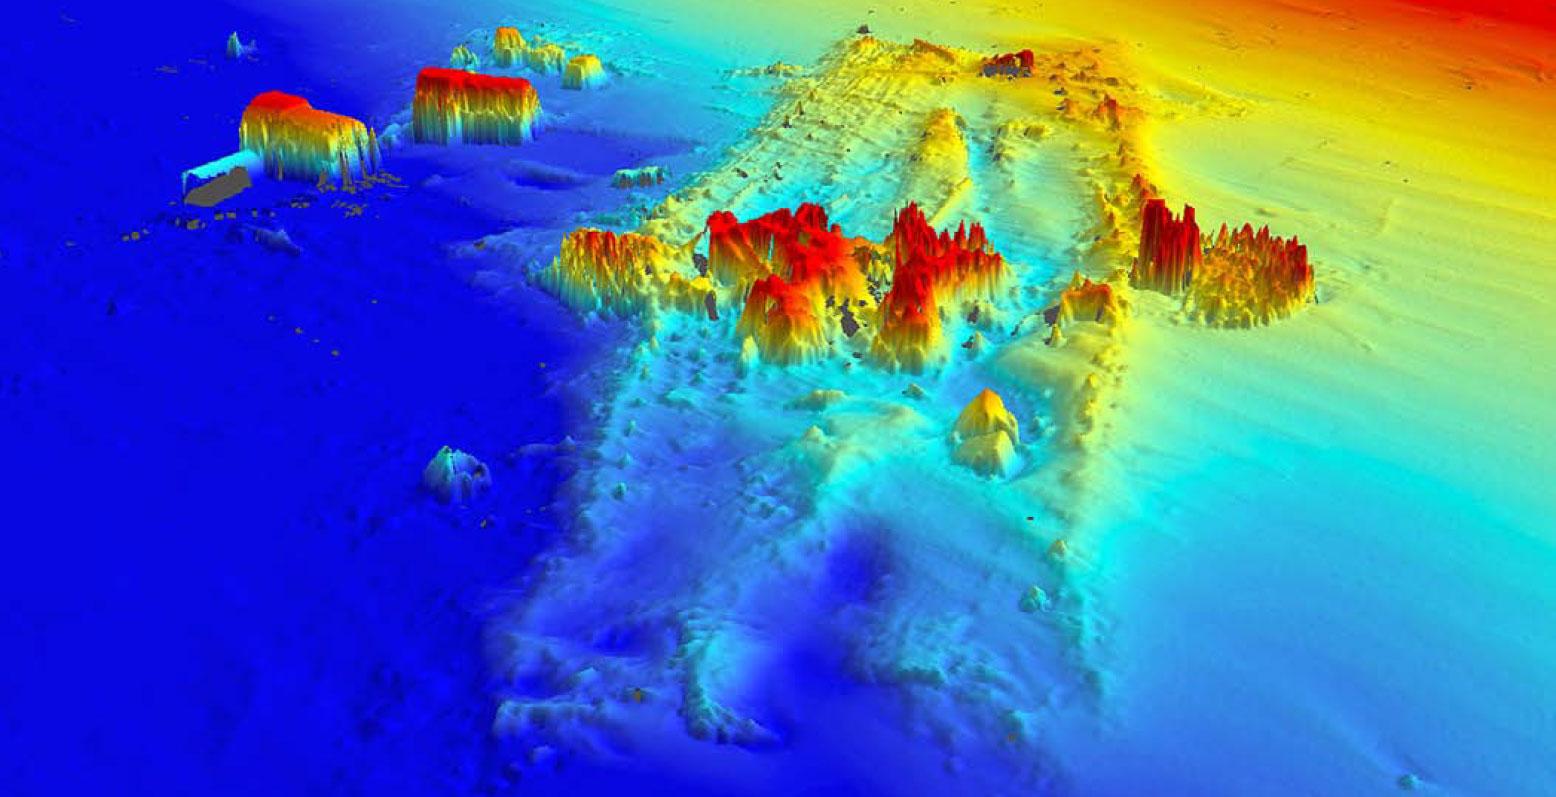 Cartographie 3D de l'épave du SS Central America